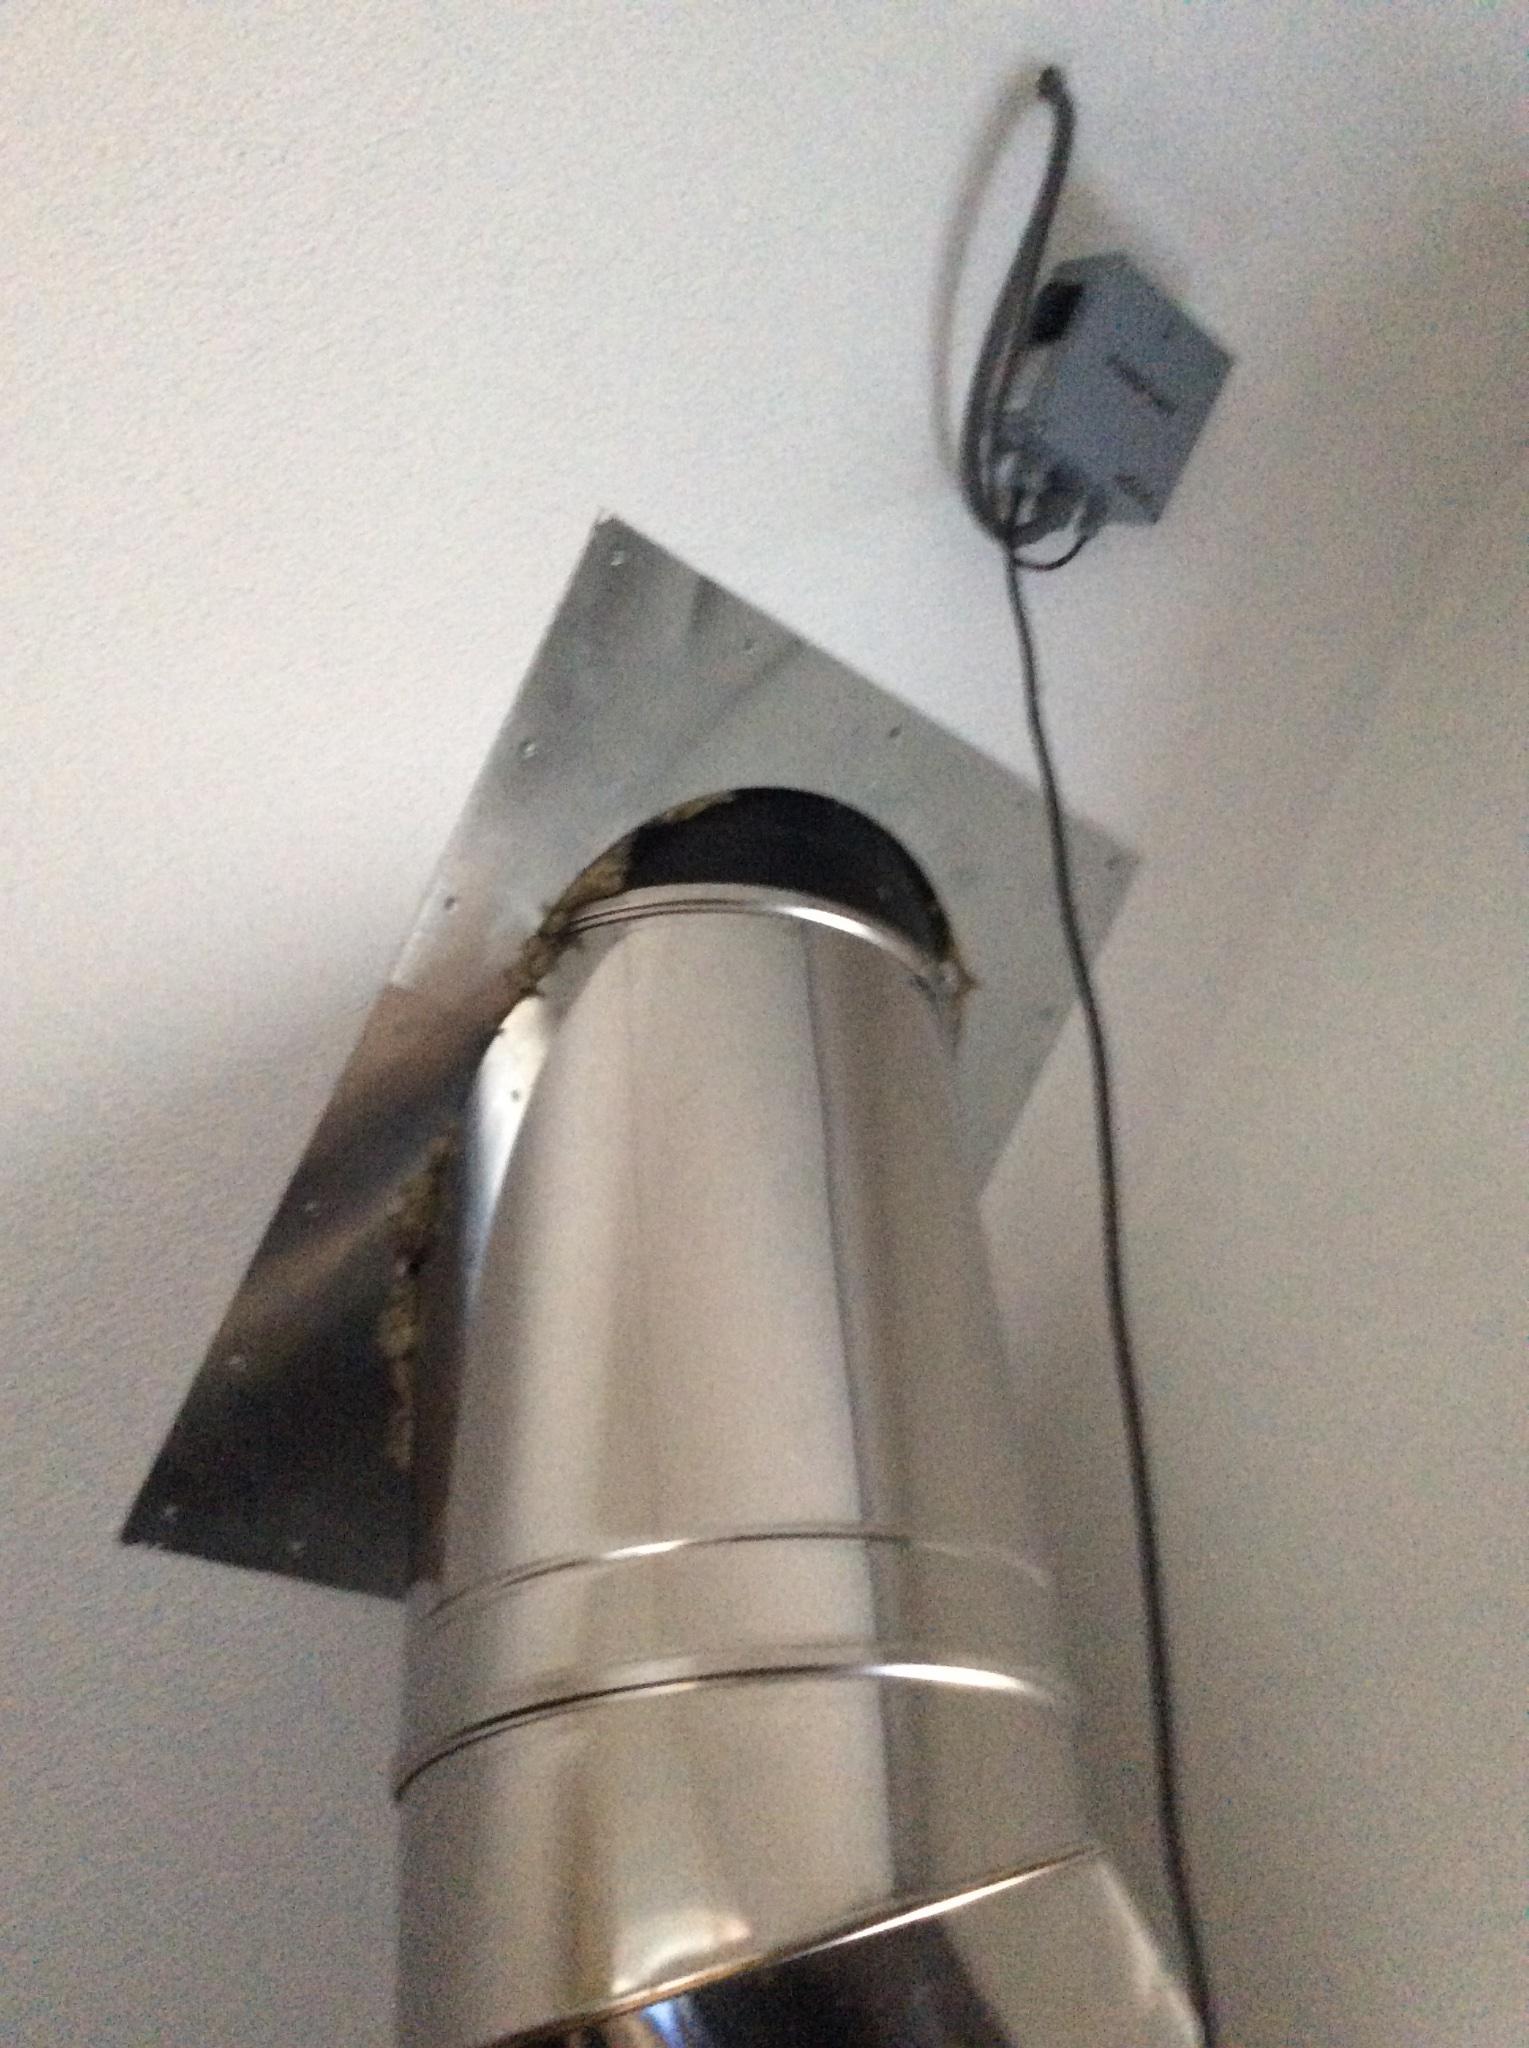 Extreem Rookgasafvoer van dak verwijderen en gat in dak dicht maken SL97